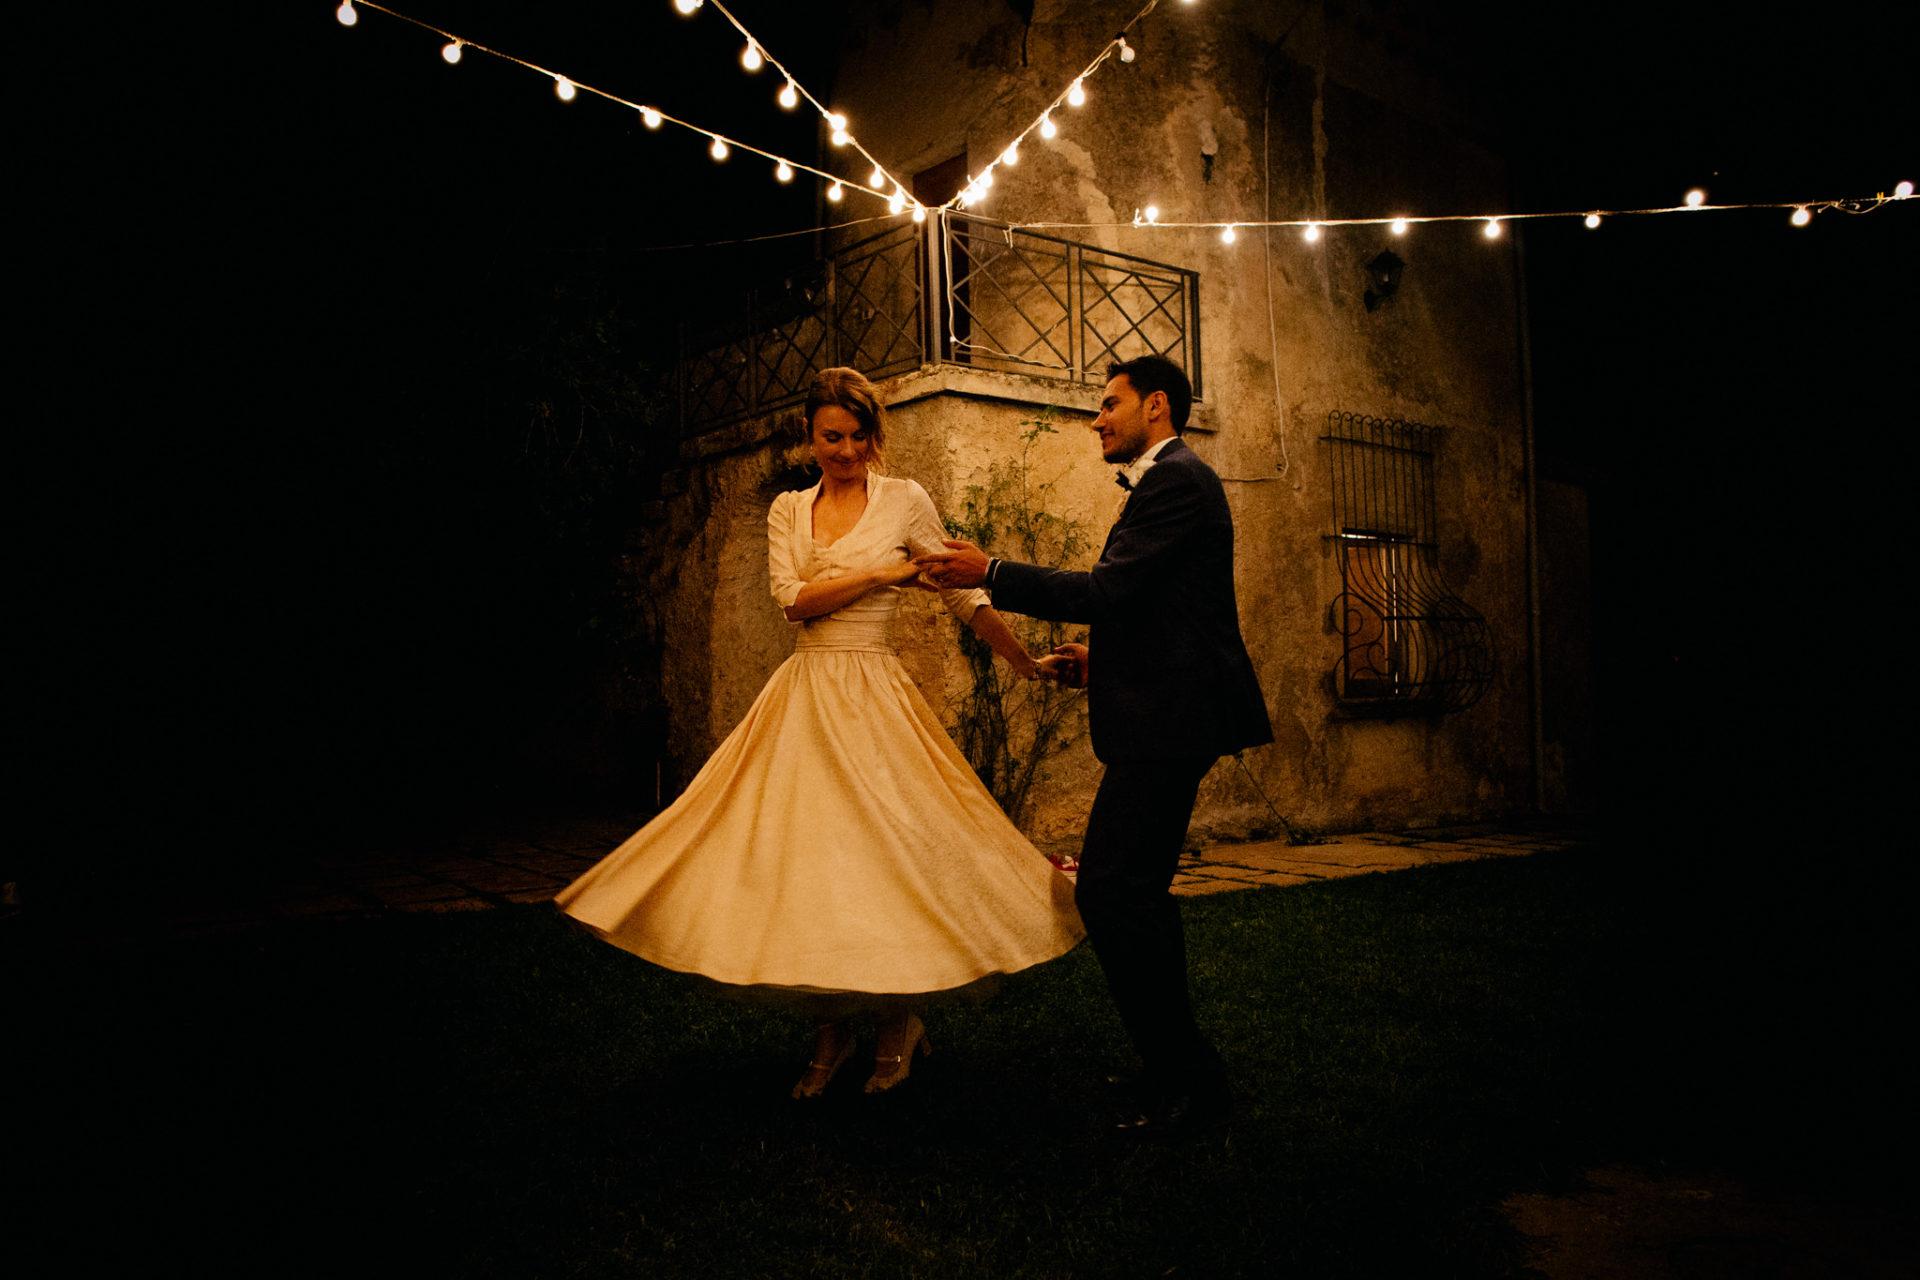 Hochzeitsfotograf Amalfi Küste-heiraten Italien-Brauttanz im Freien